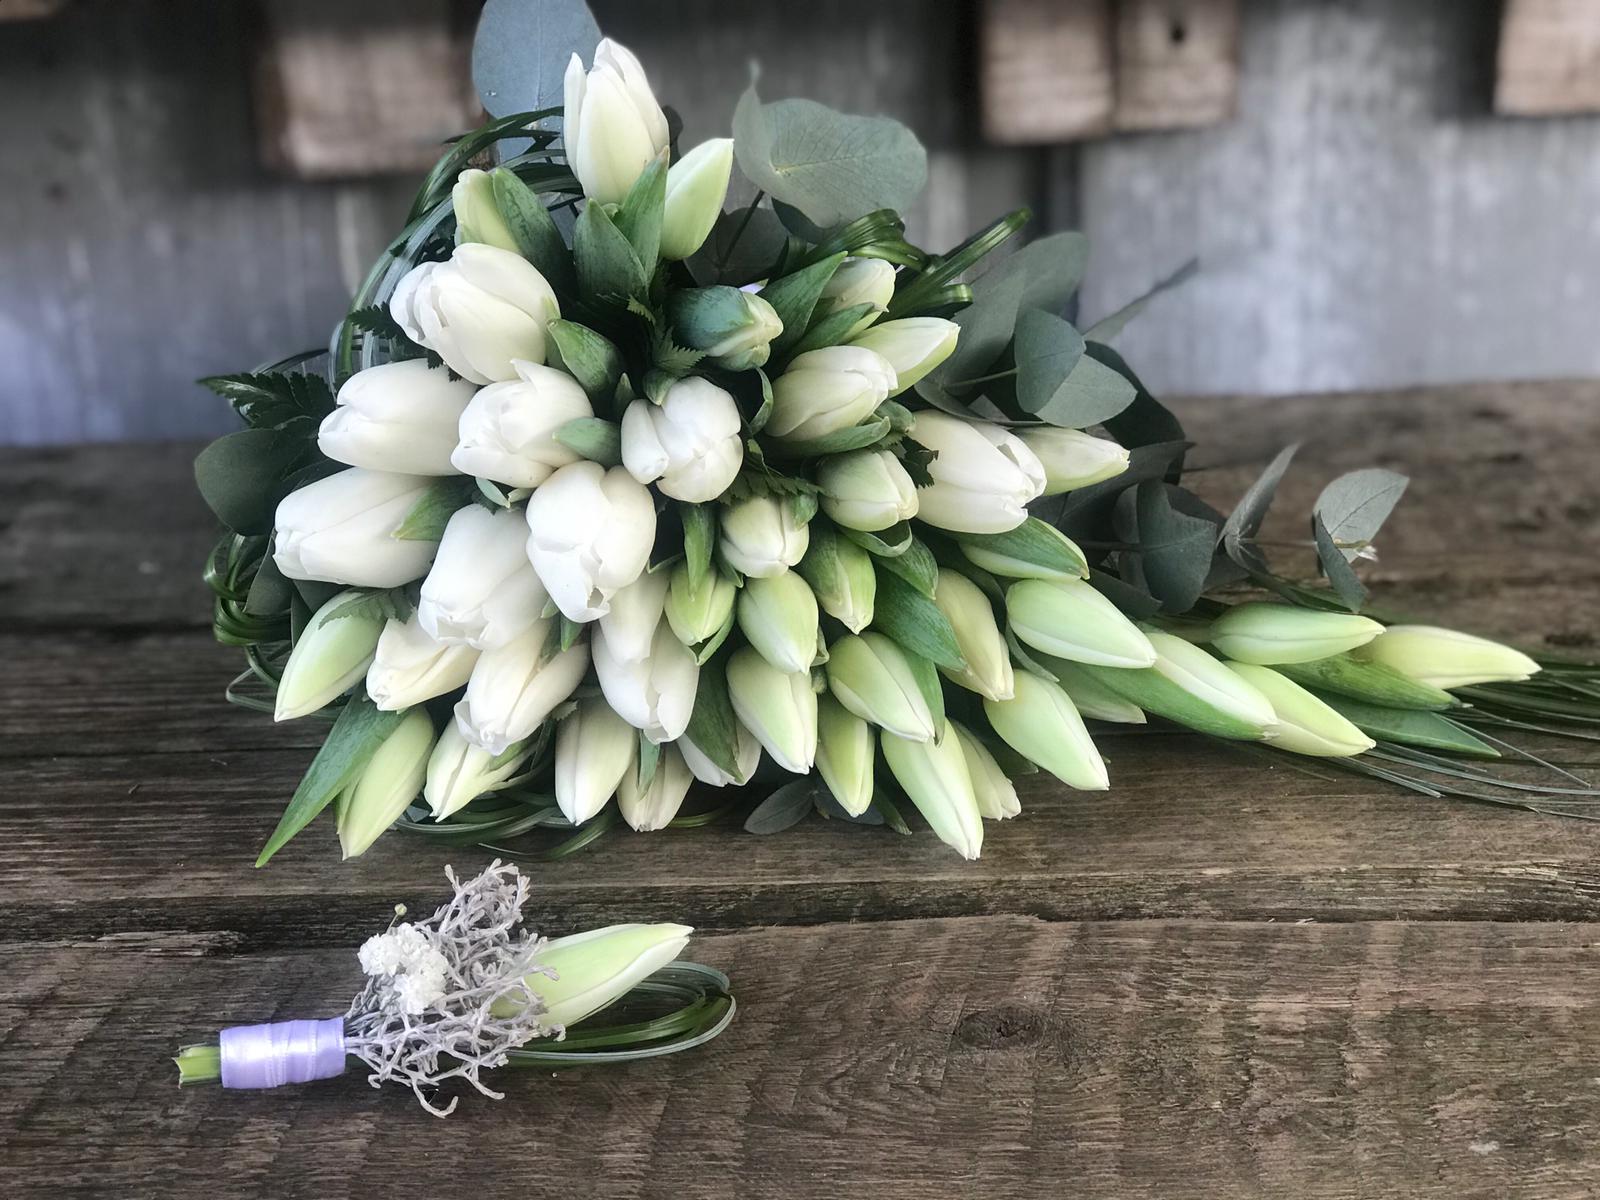 I consigli per scegliere il tuo Bouquet da La Sposaincrisi